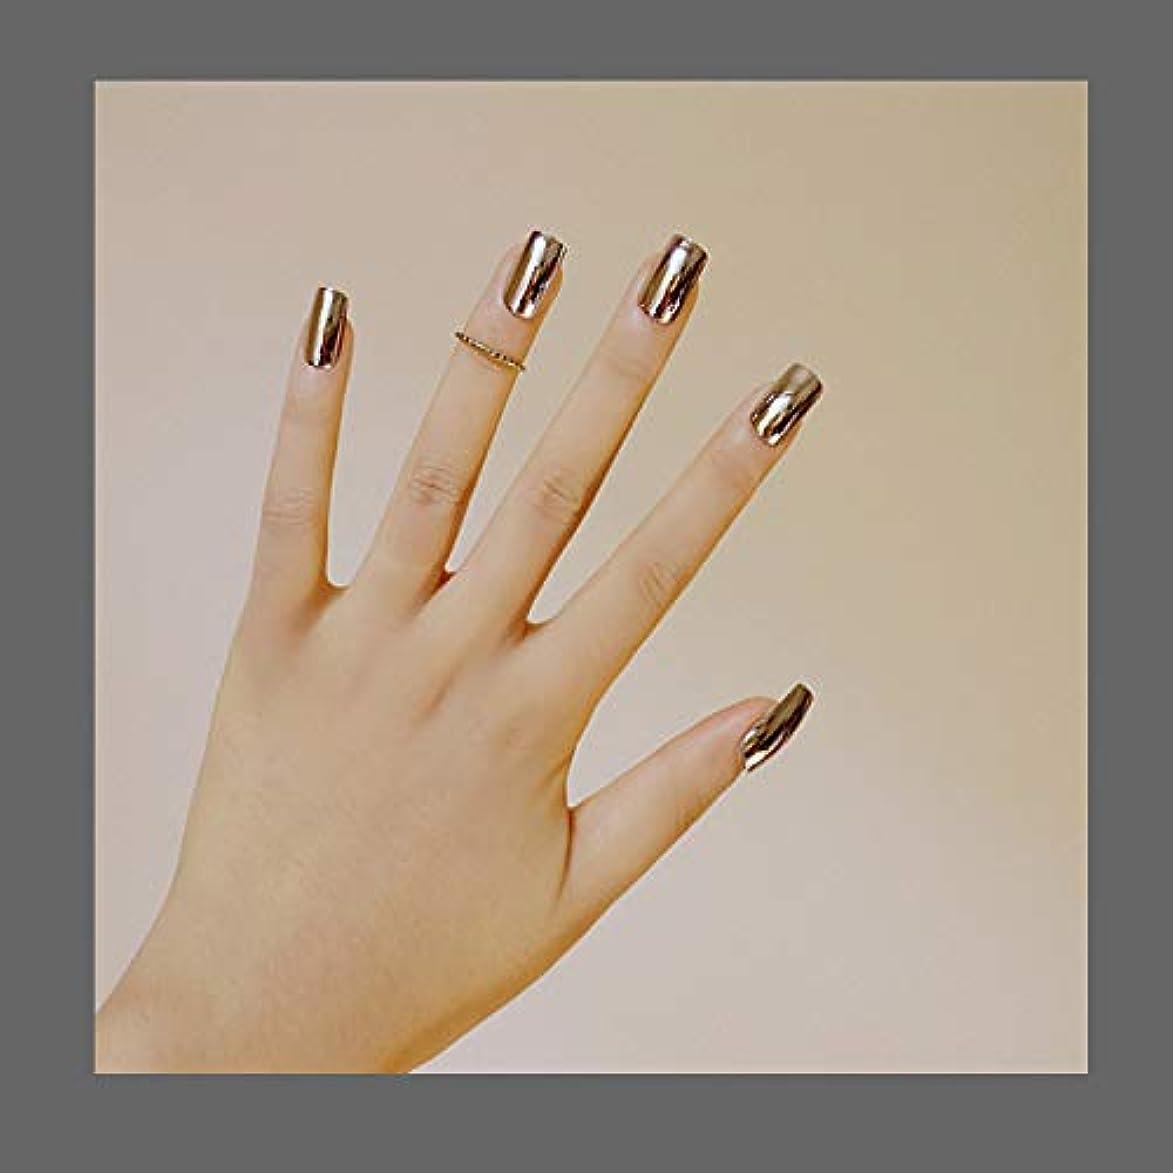 百科事典真向こう露出度の高い欧米で流行るパンク風付け爪 色変化のミラー付け爪 24枚付け爪 フラットヘッド 銀